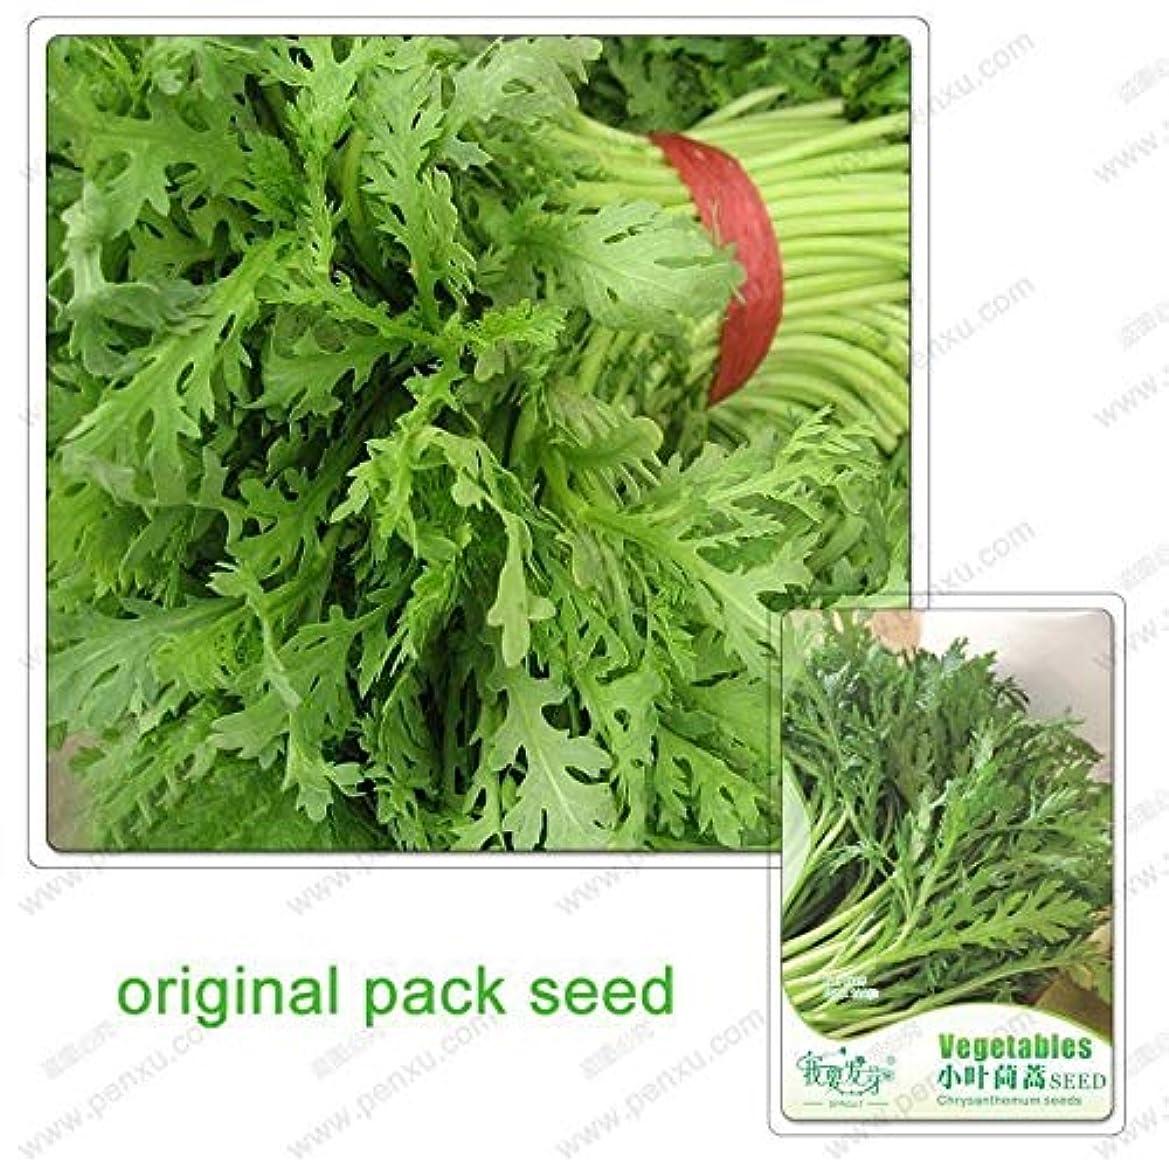 分類する錆びシングル120個の種子/パック、香料、Tonghaosu野菜香りガーランドクリス